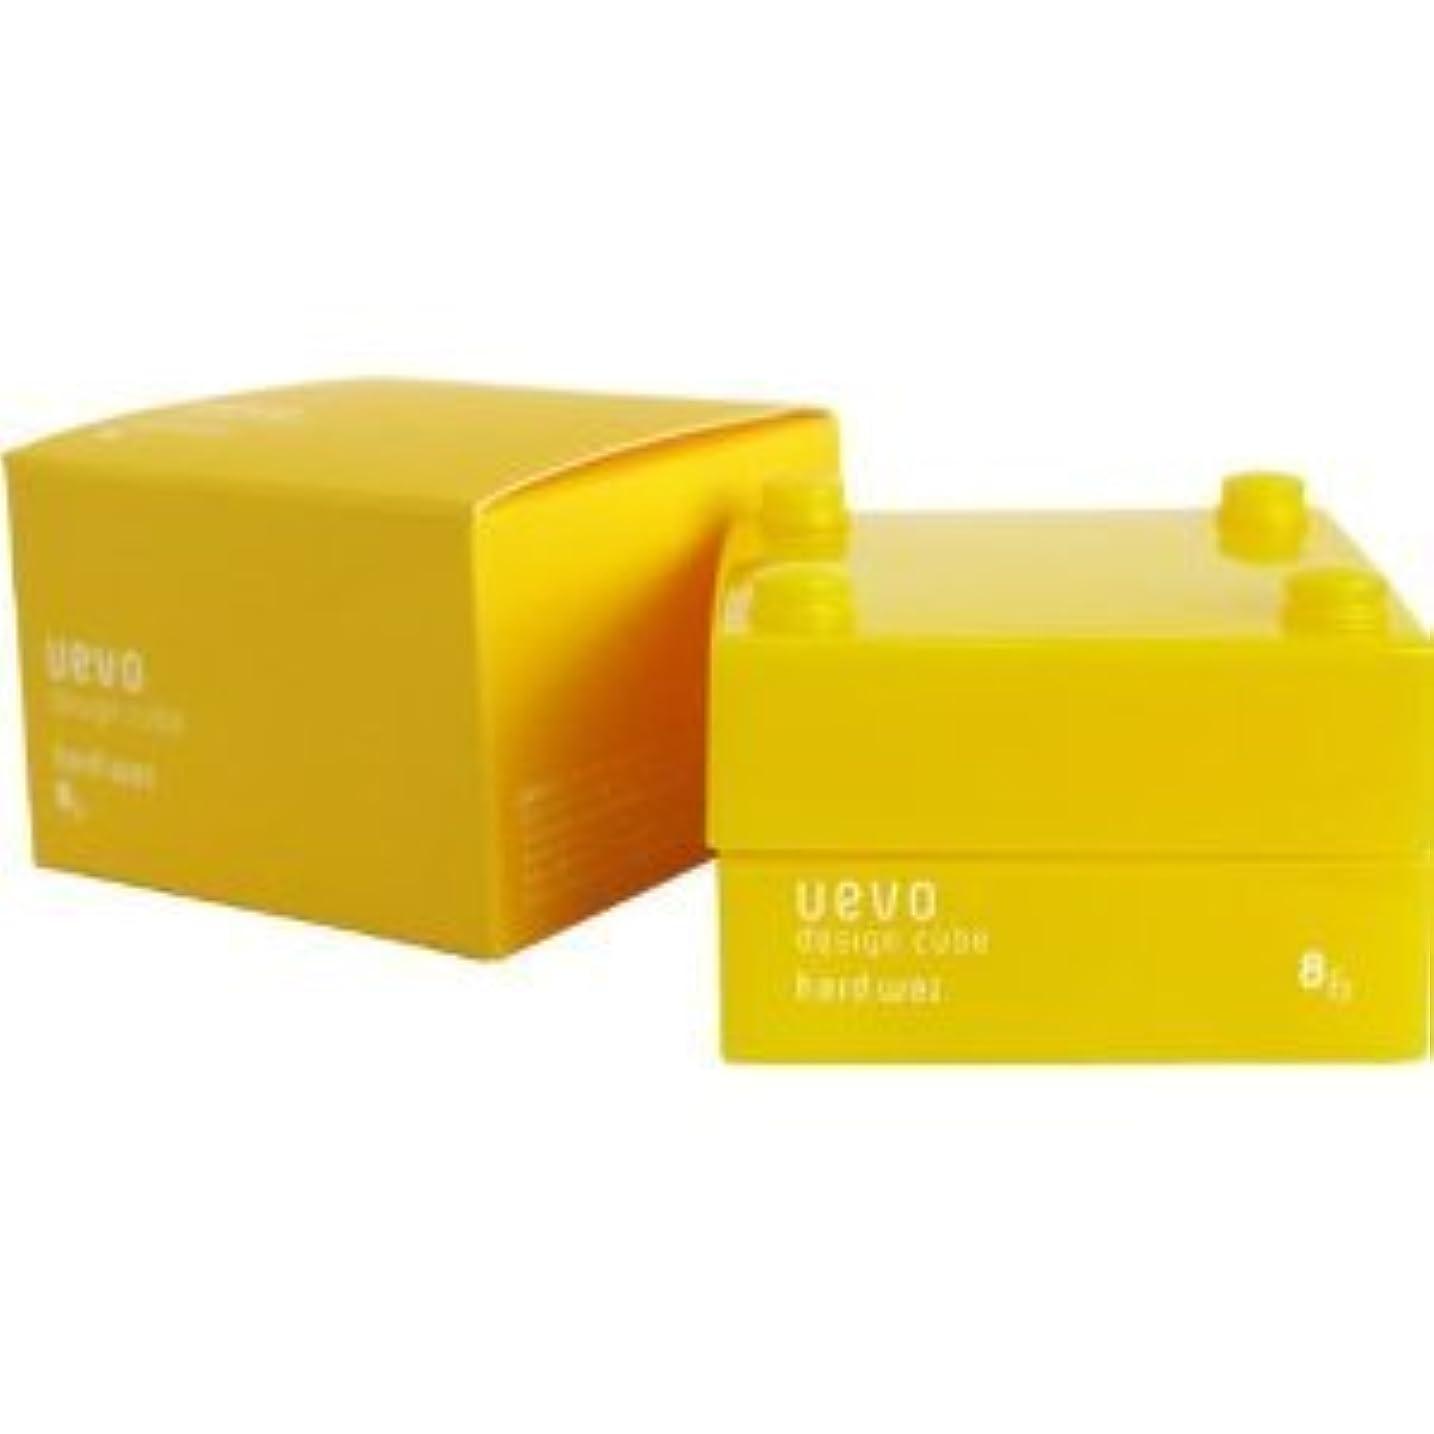 かごフラスコビーズ【X2個セット】 デミ ウェーボ デザインキューブ ハードワックス 30g hard wax DEMI uevo design cube